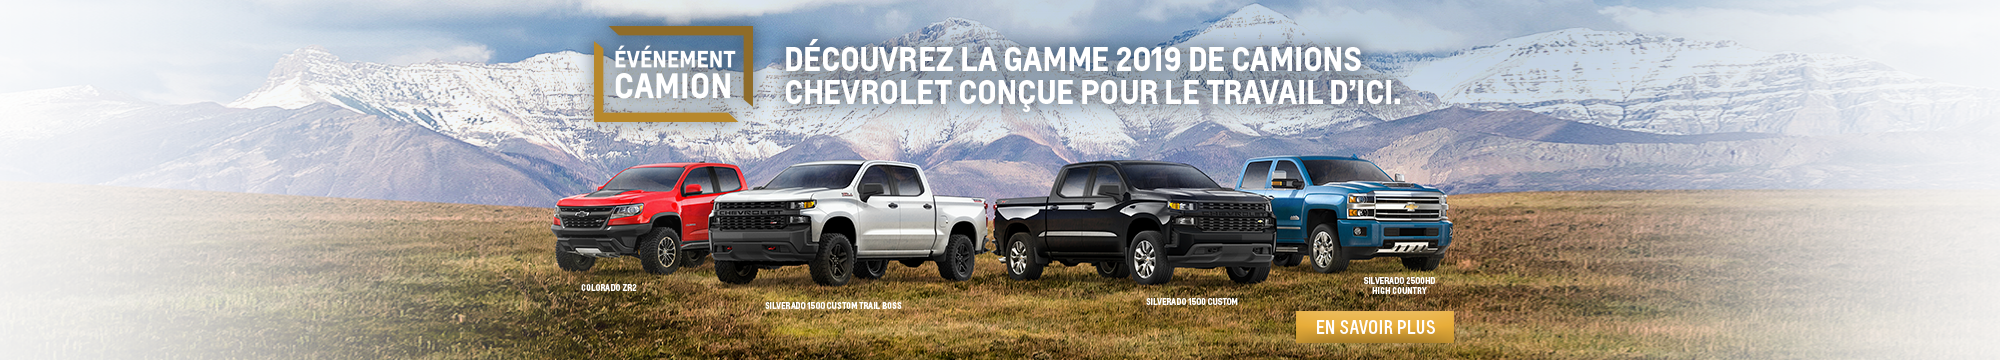 Chevrolet - Événement Camion